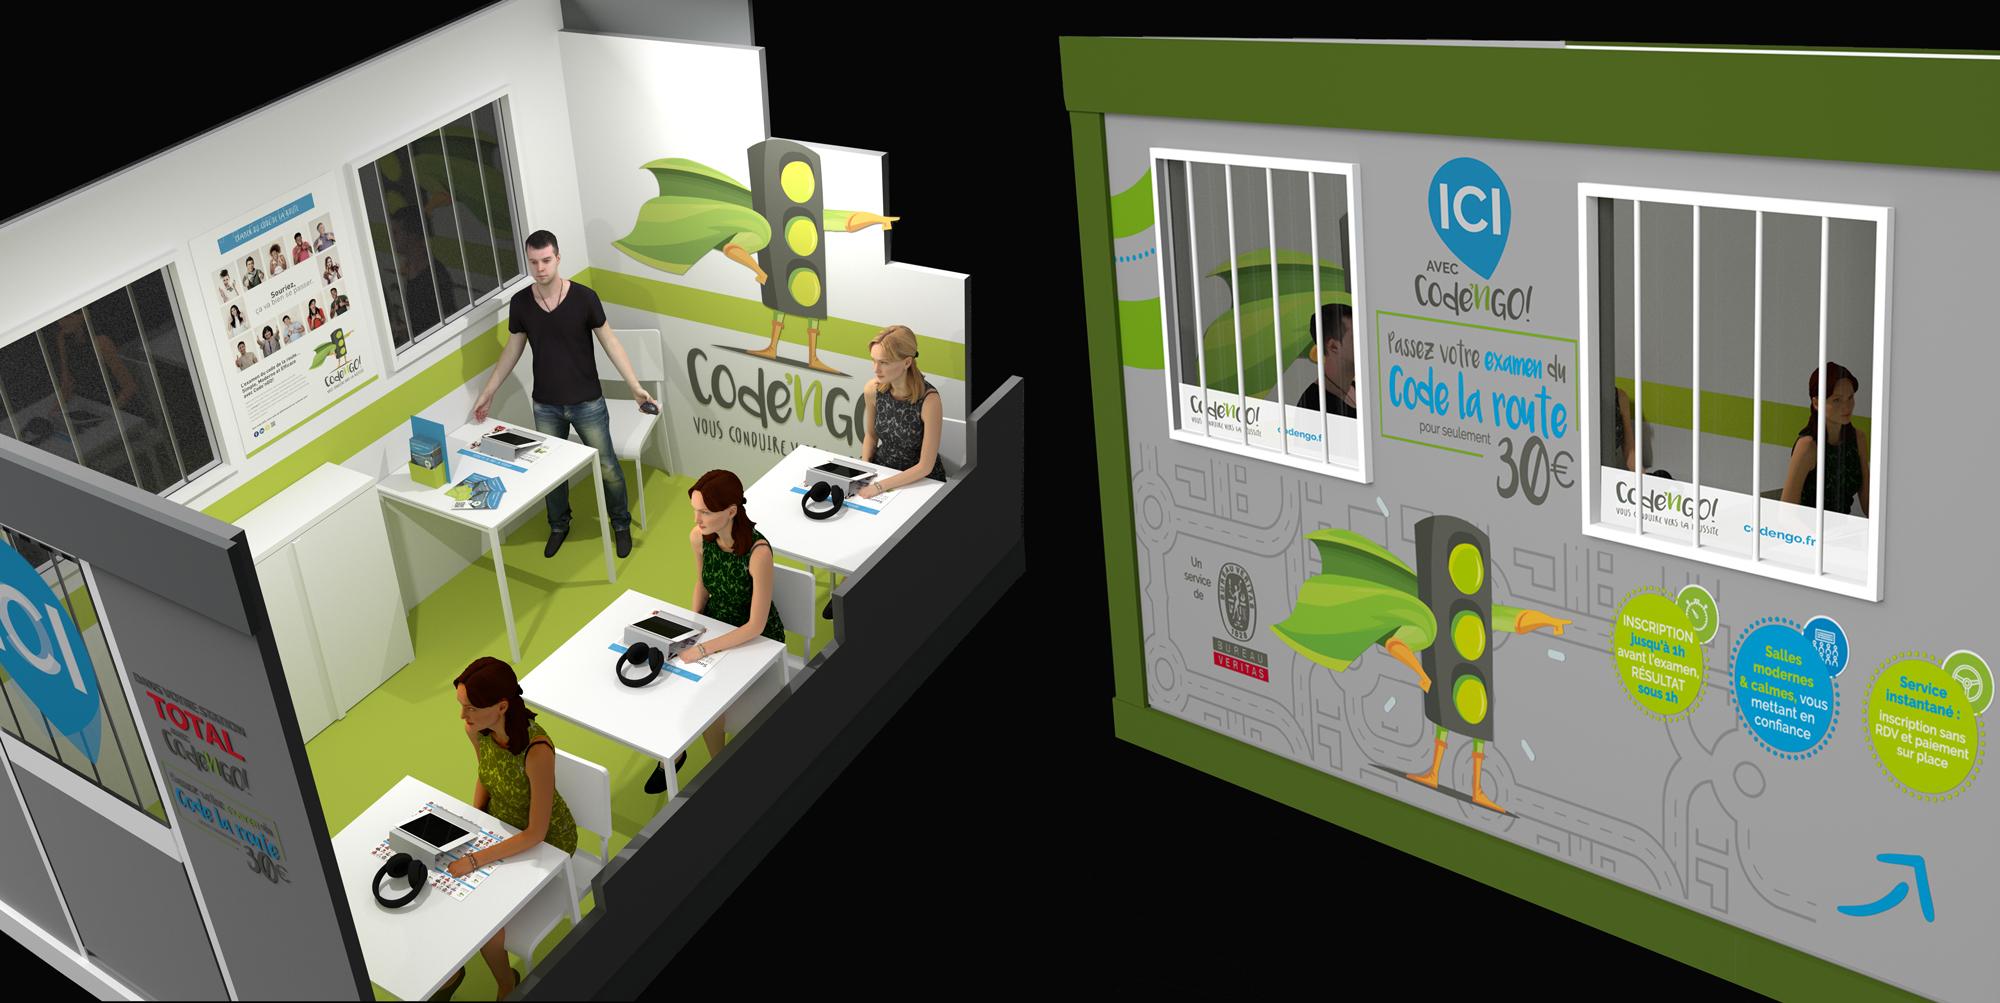 eclolink_agence_webmarketing_client_dijon_codengo_algeco